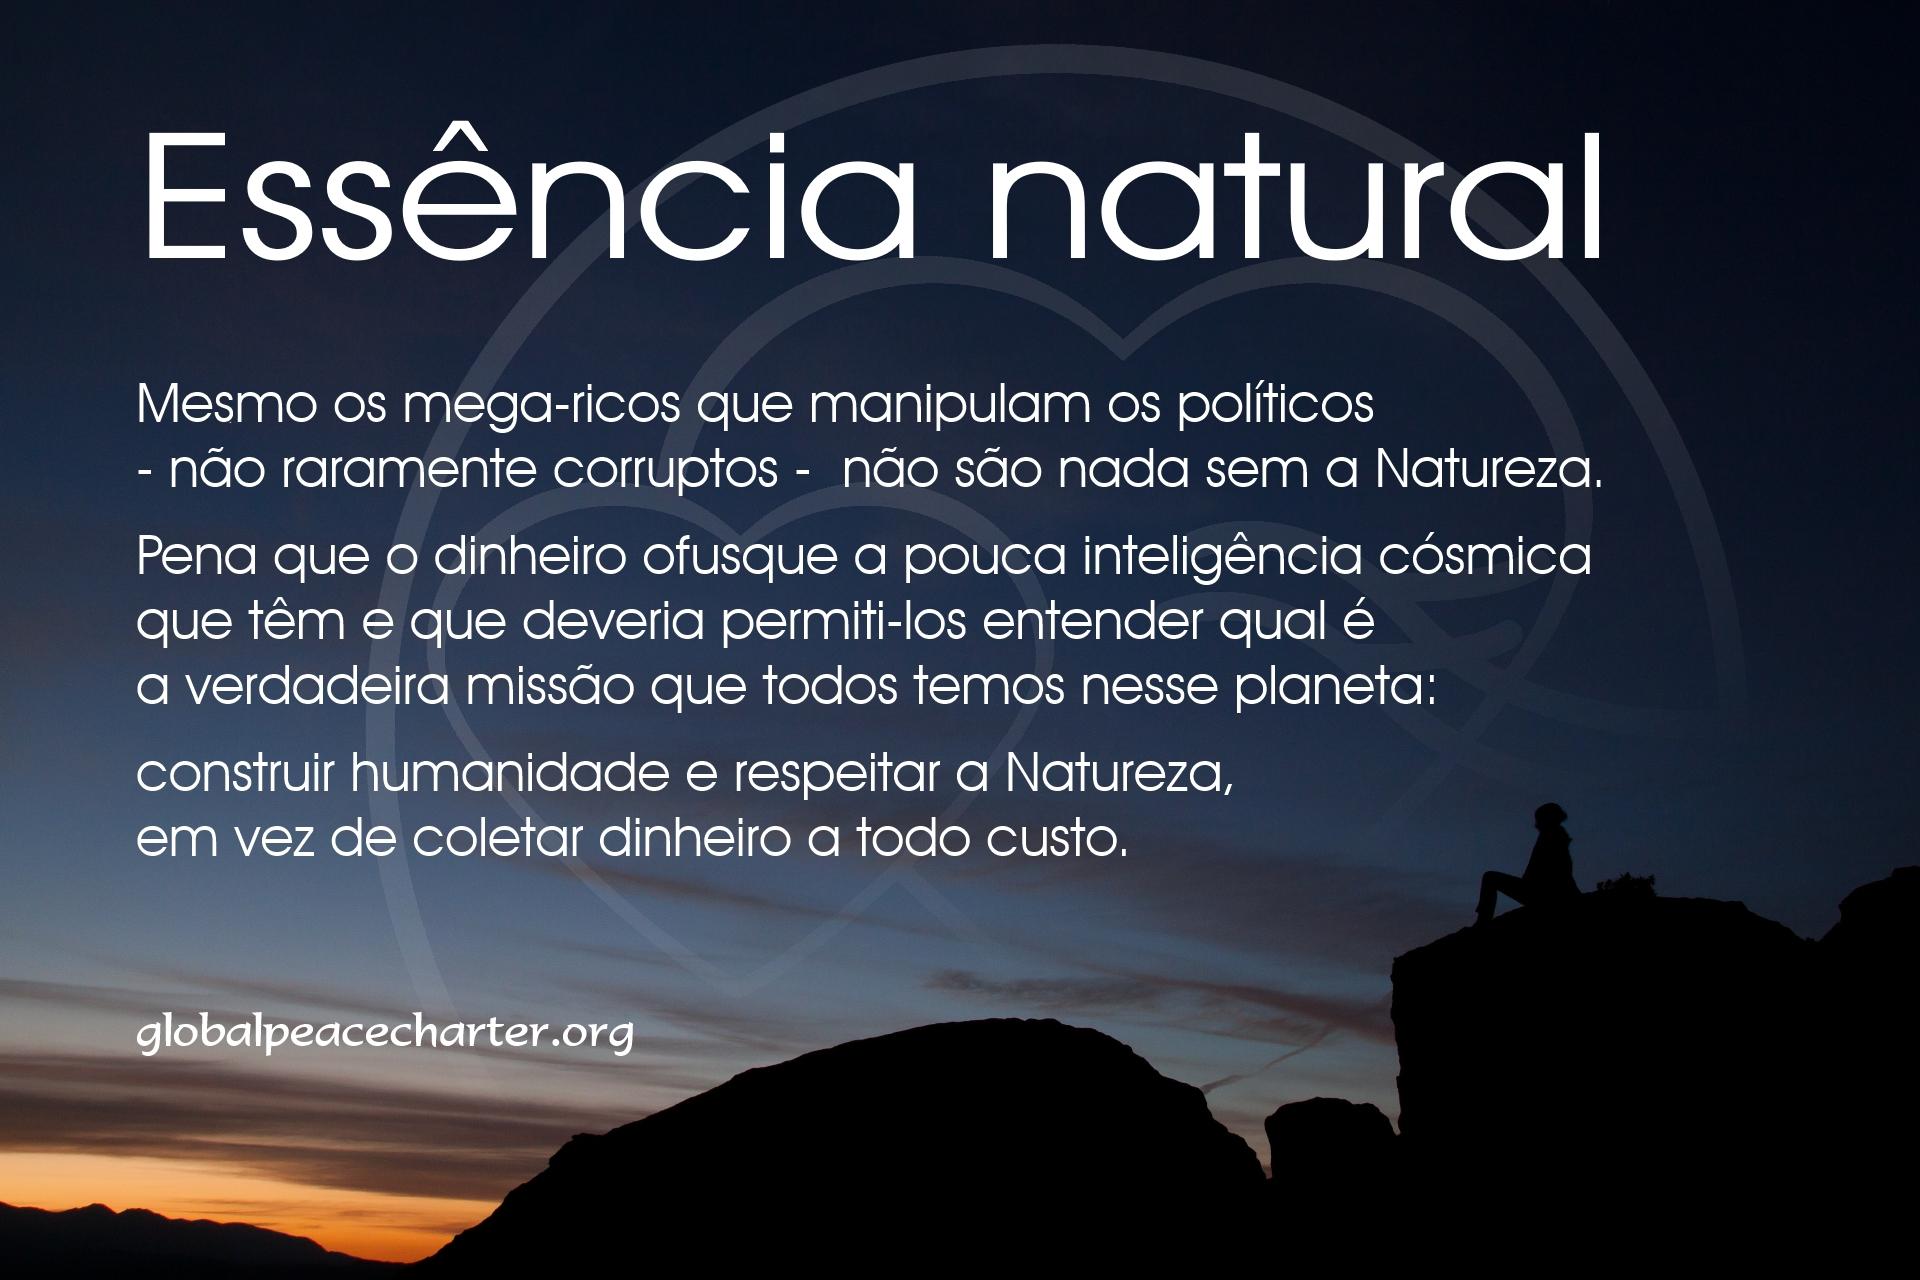 Essência natural